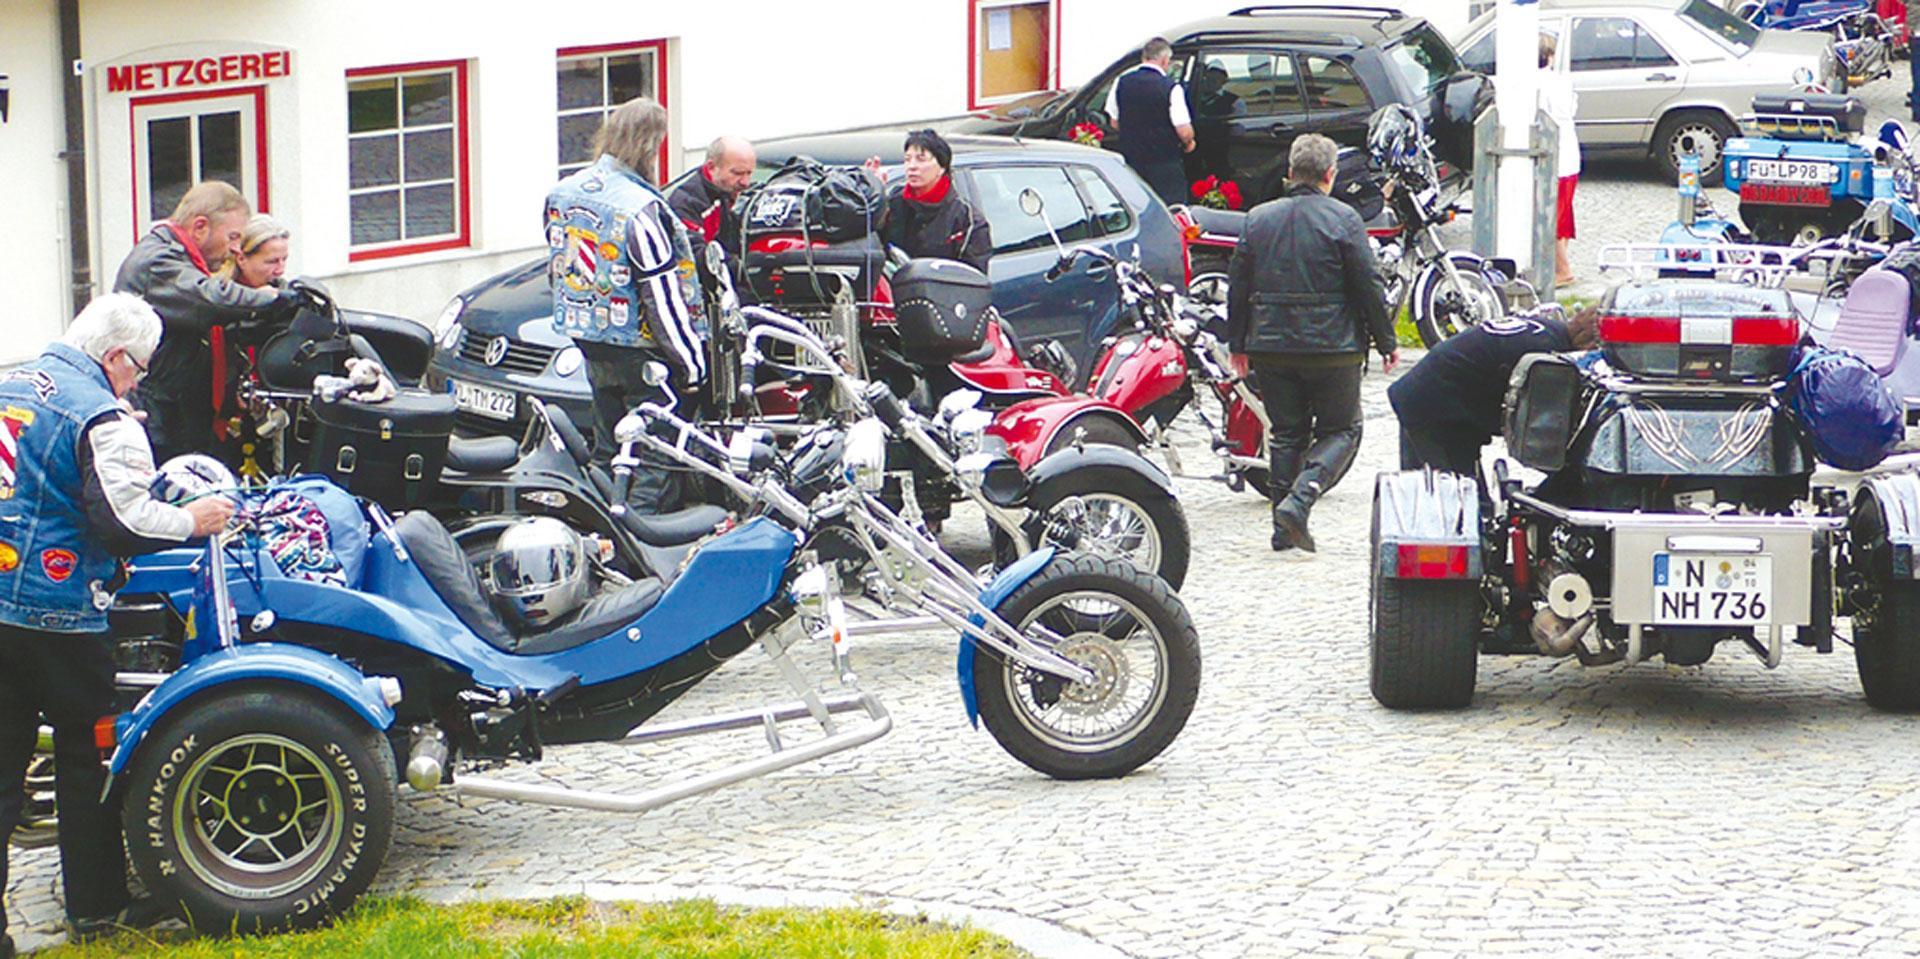 BgH_Motorrad.jpg